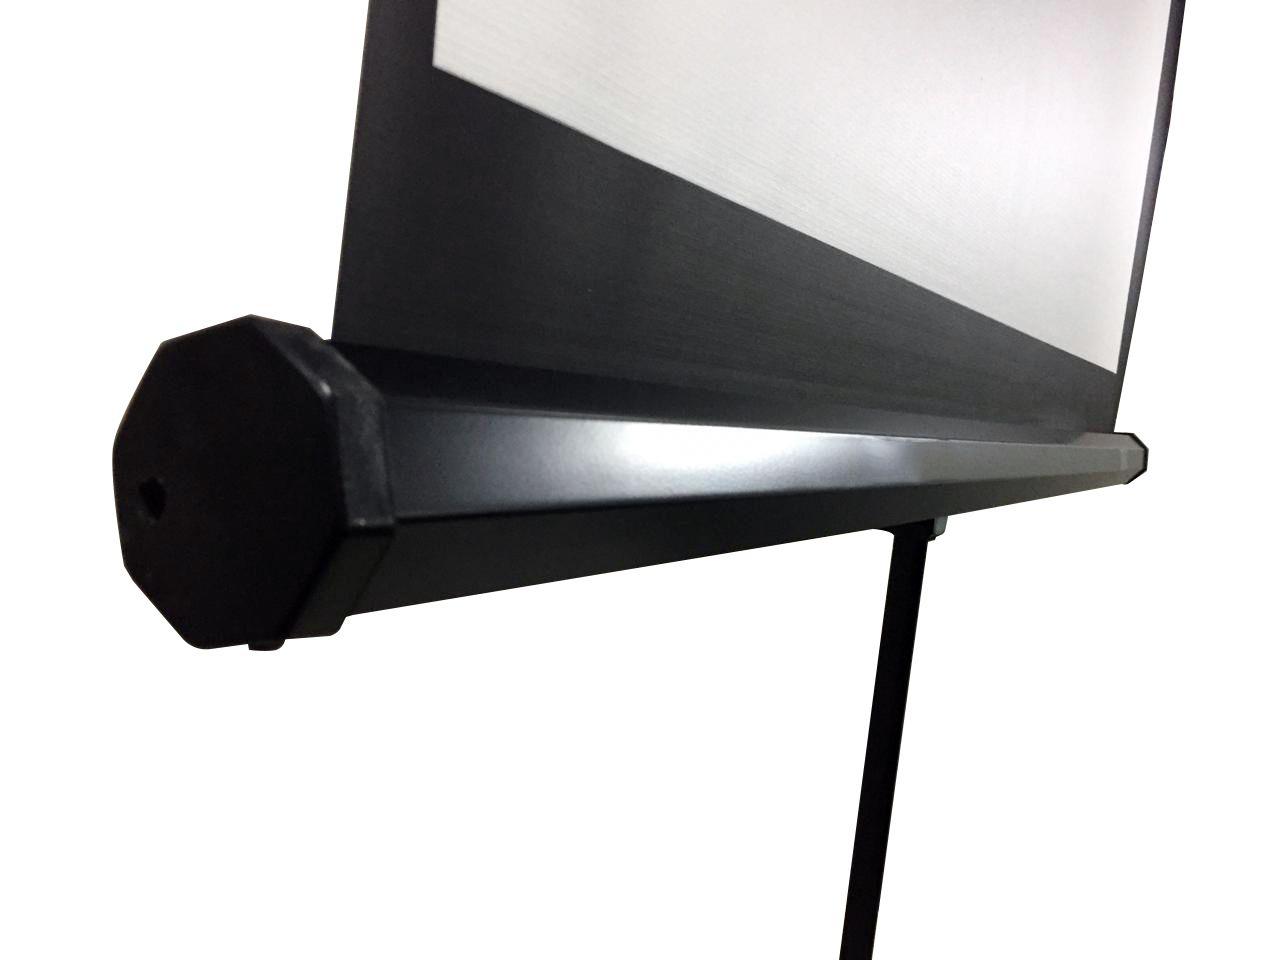 Tela de Projeção Tripé TBTPS60 (1.50x1.50m)